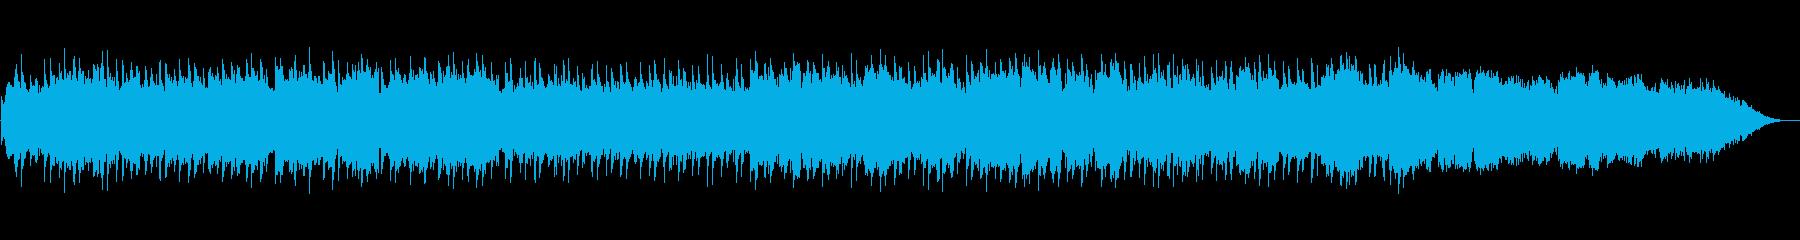 落ち着いた笛のヒーリングミュージックの再生済みの波形